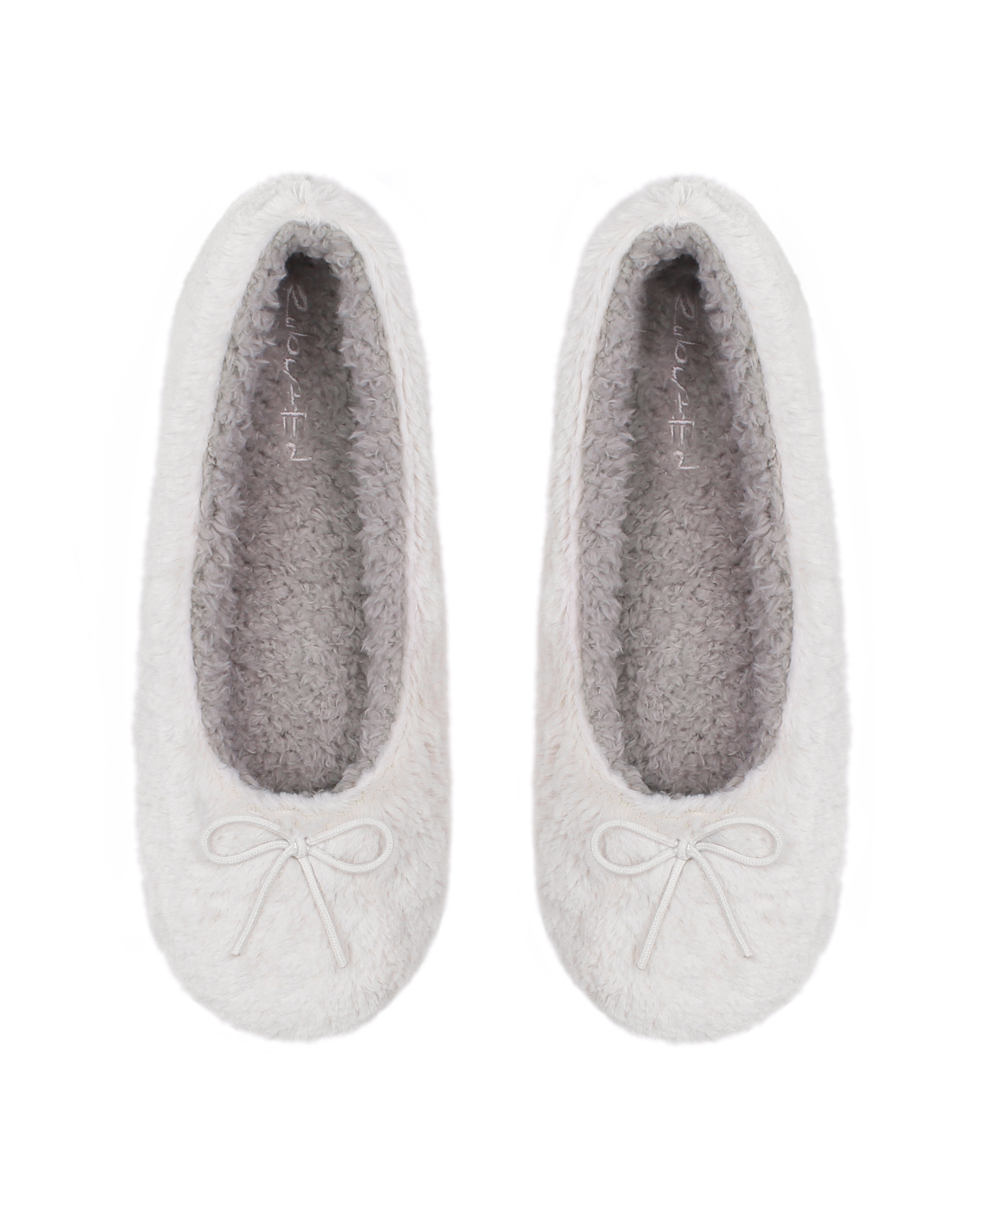 Moonstone Ballerina Slippers